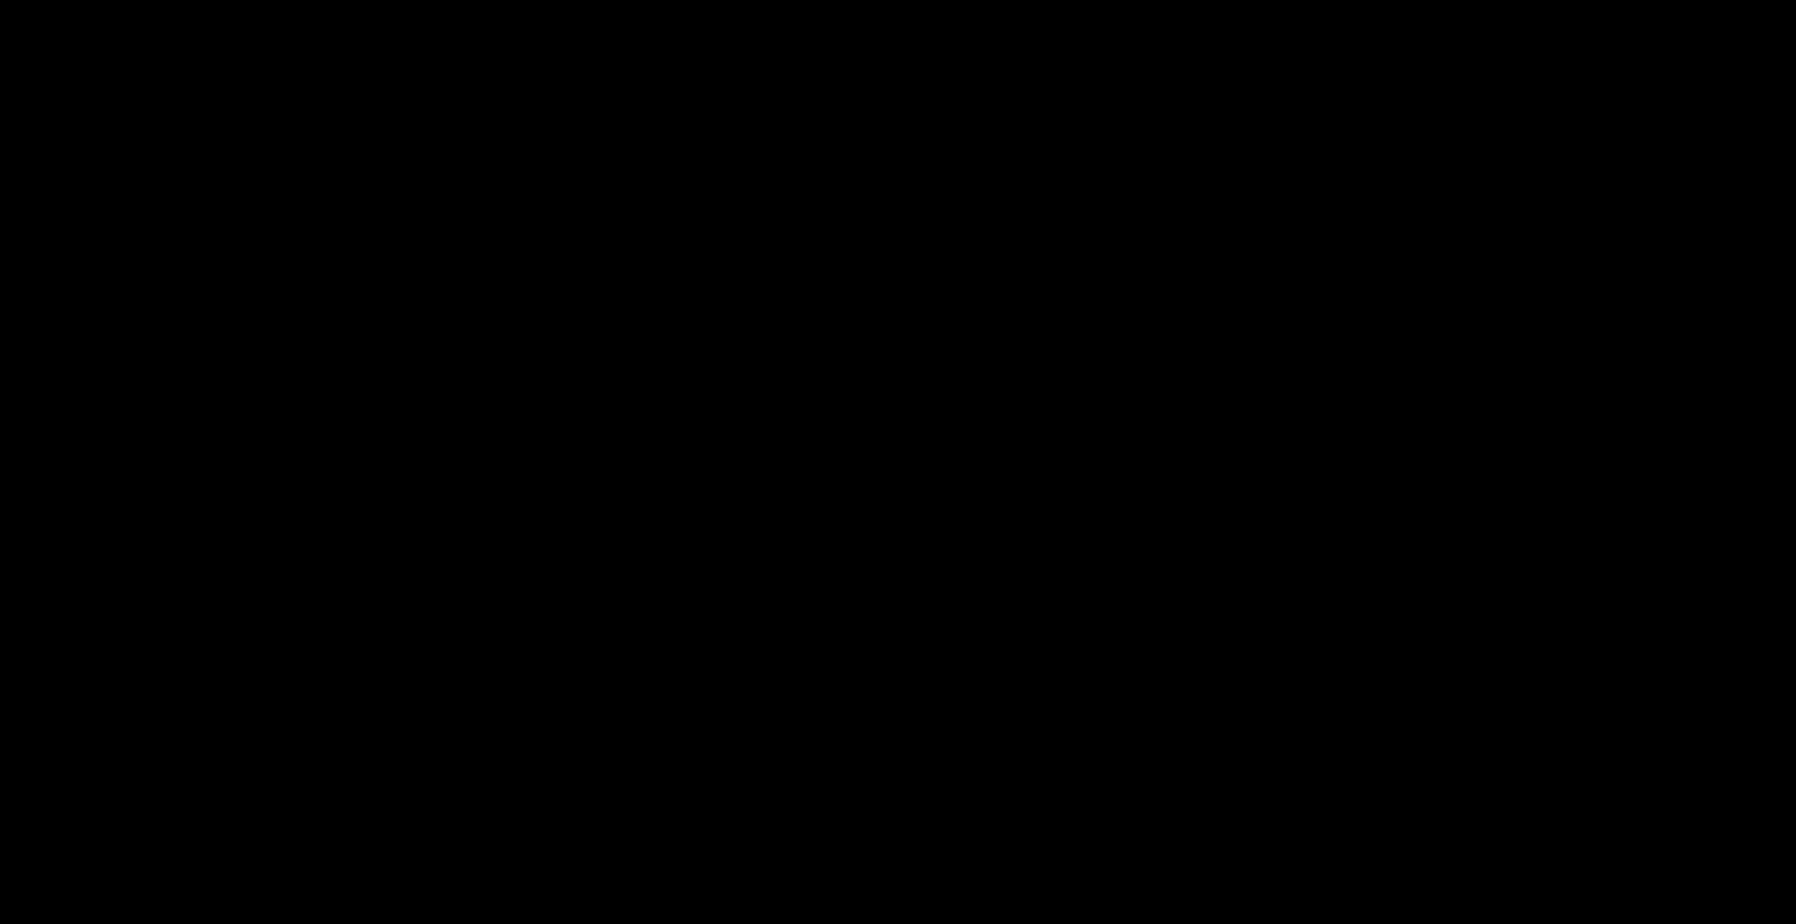 5-(Dimethylamino)-N-[2-[4-(2-methoxyphenyl)piperazin-1-yl]ethyl]-1-naphthalenesulfonamide